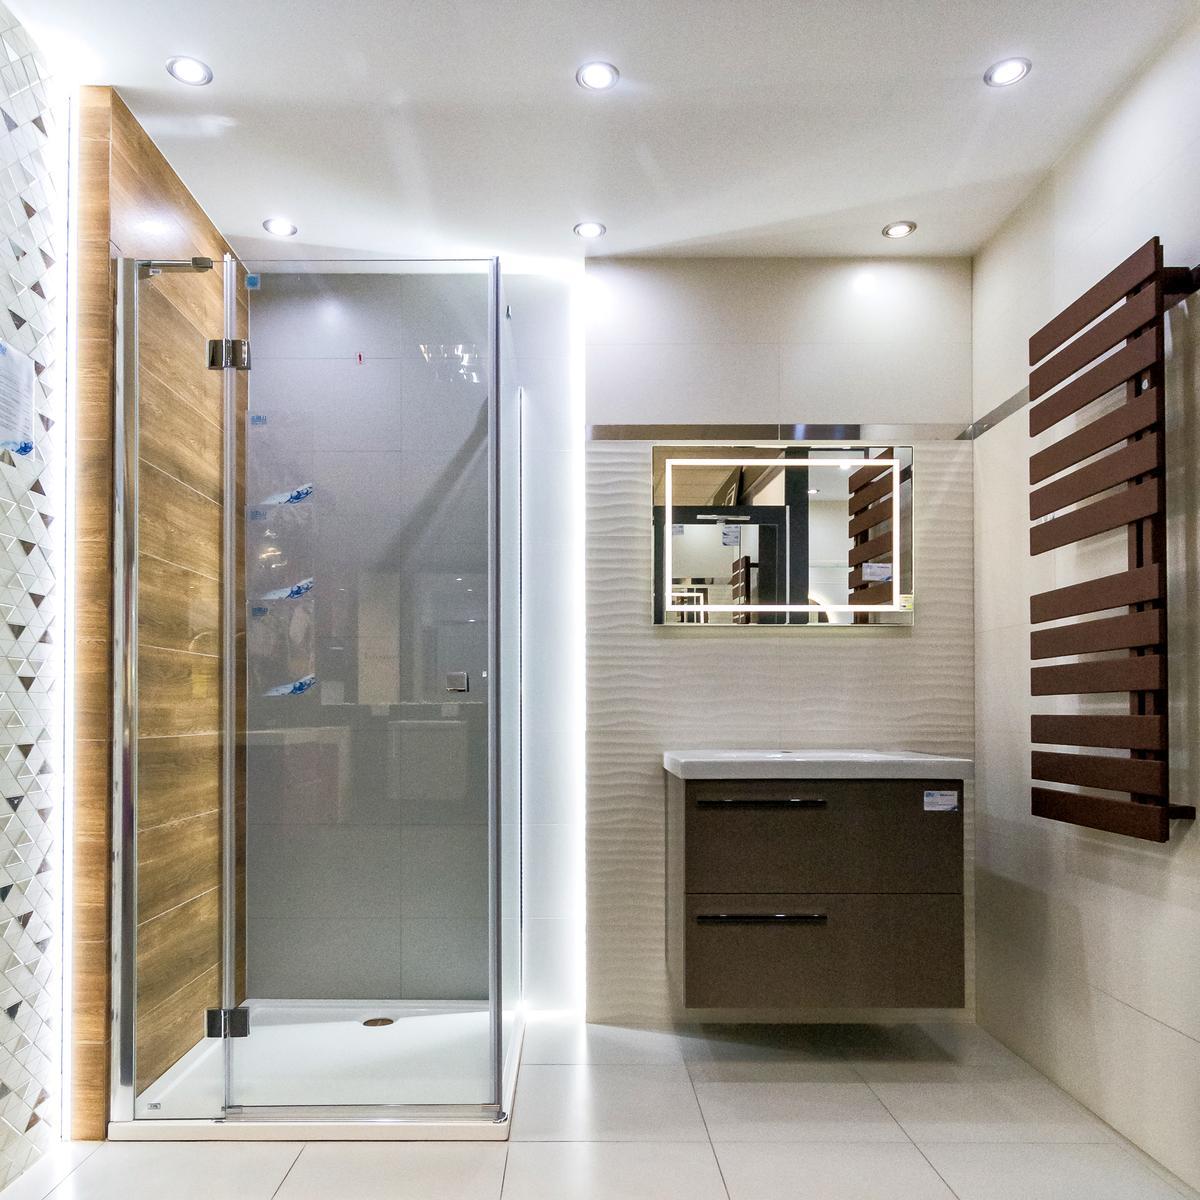 Łazienka w łagodnych barwach - szarości, beże i drewno - zdjęcie od BLU salon łazienek Włocławek